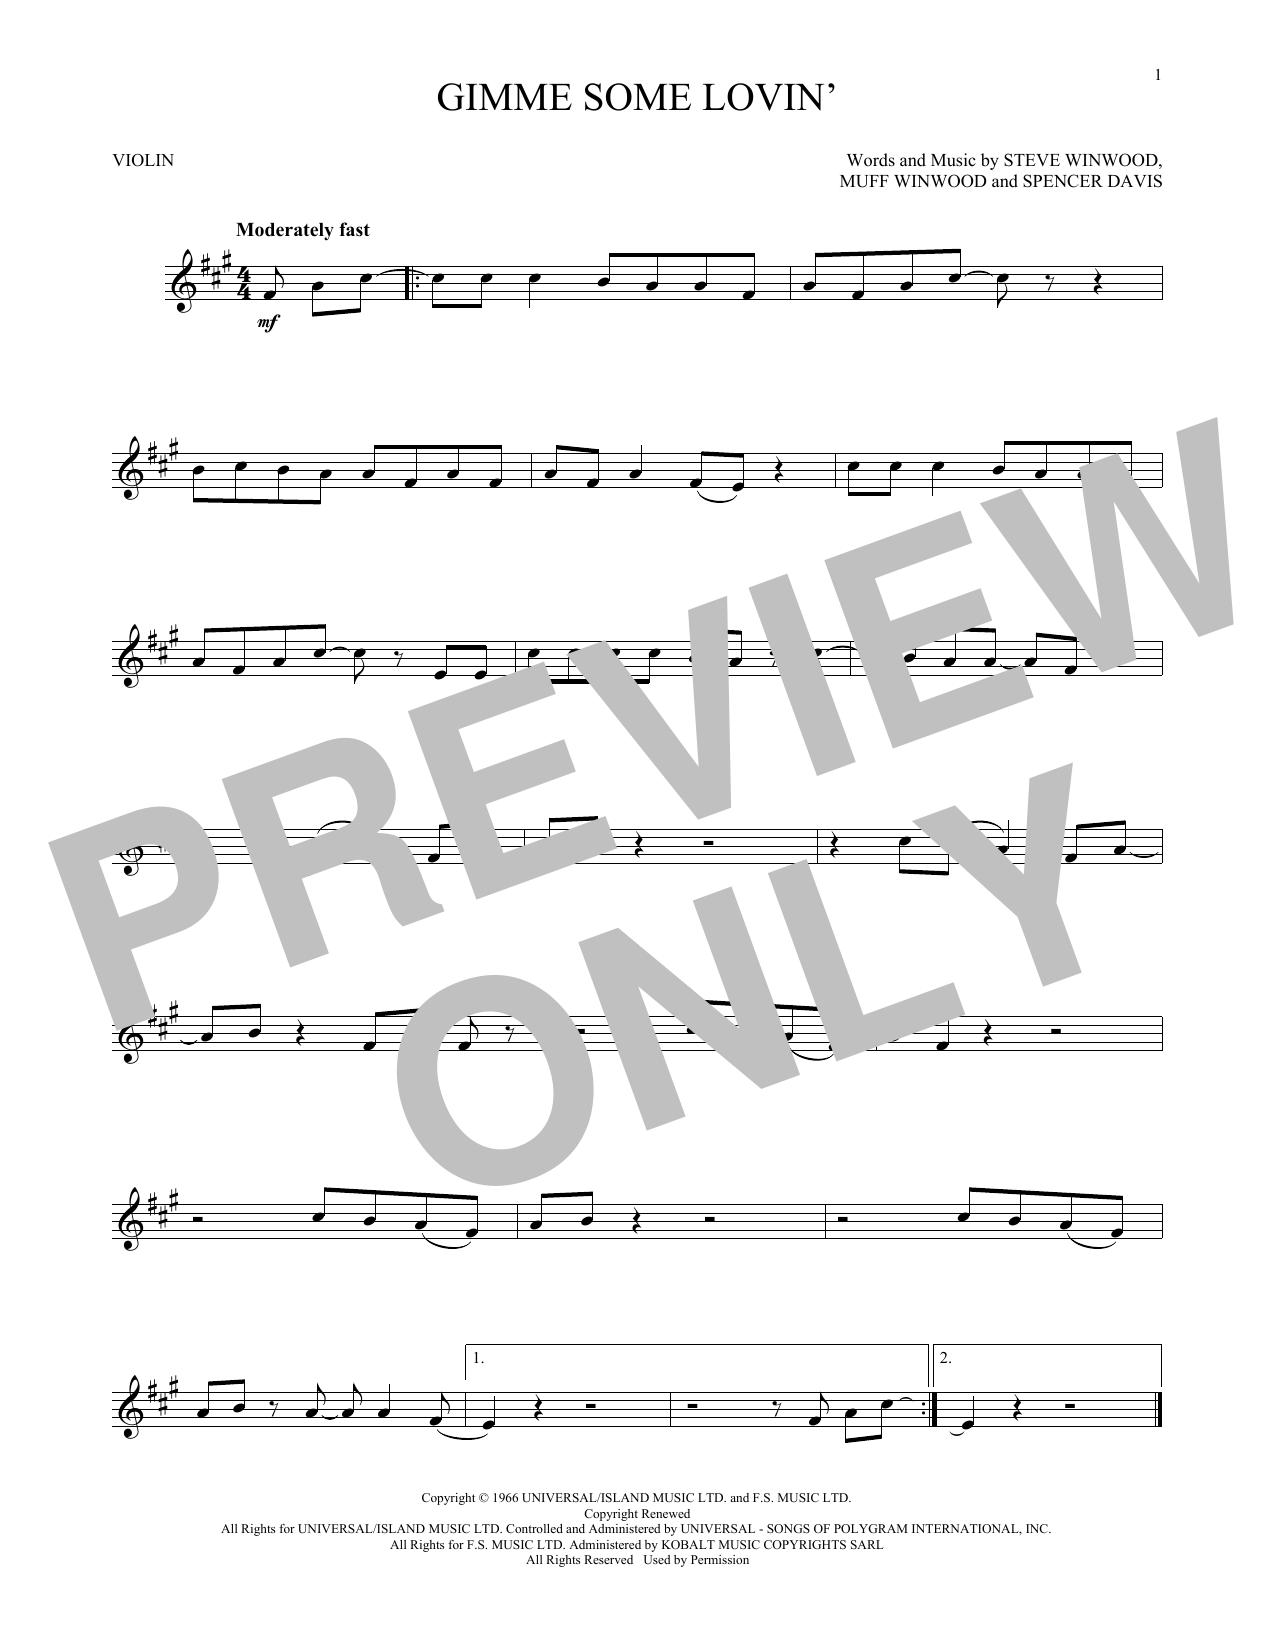 Gimme Some Lovin' (Violin Solo)